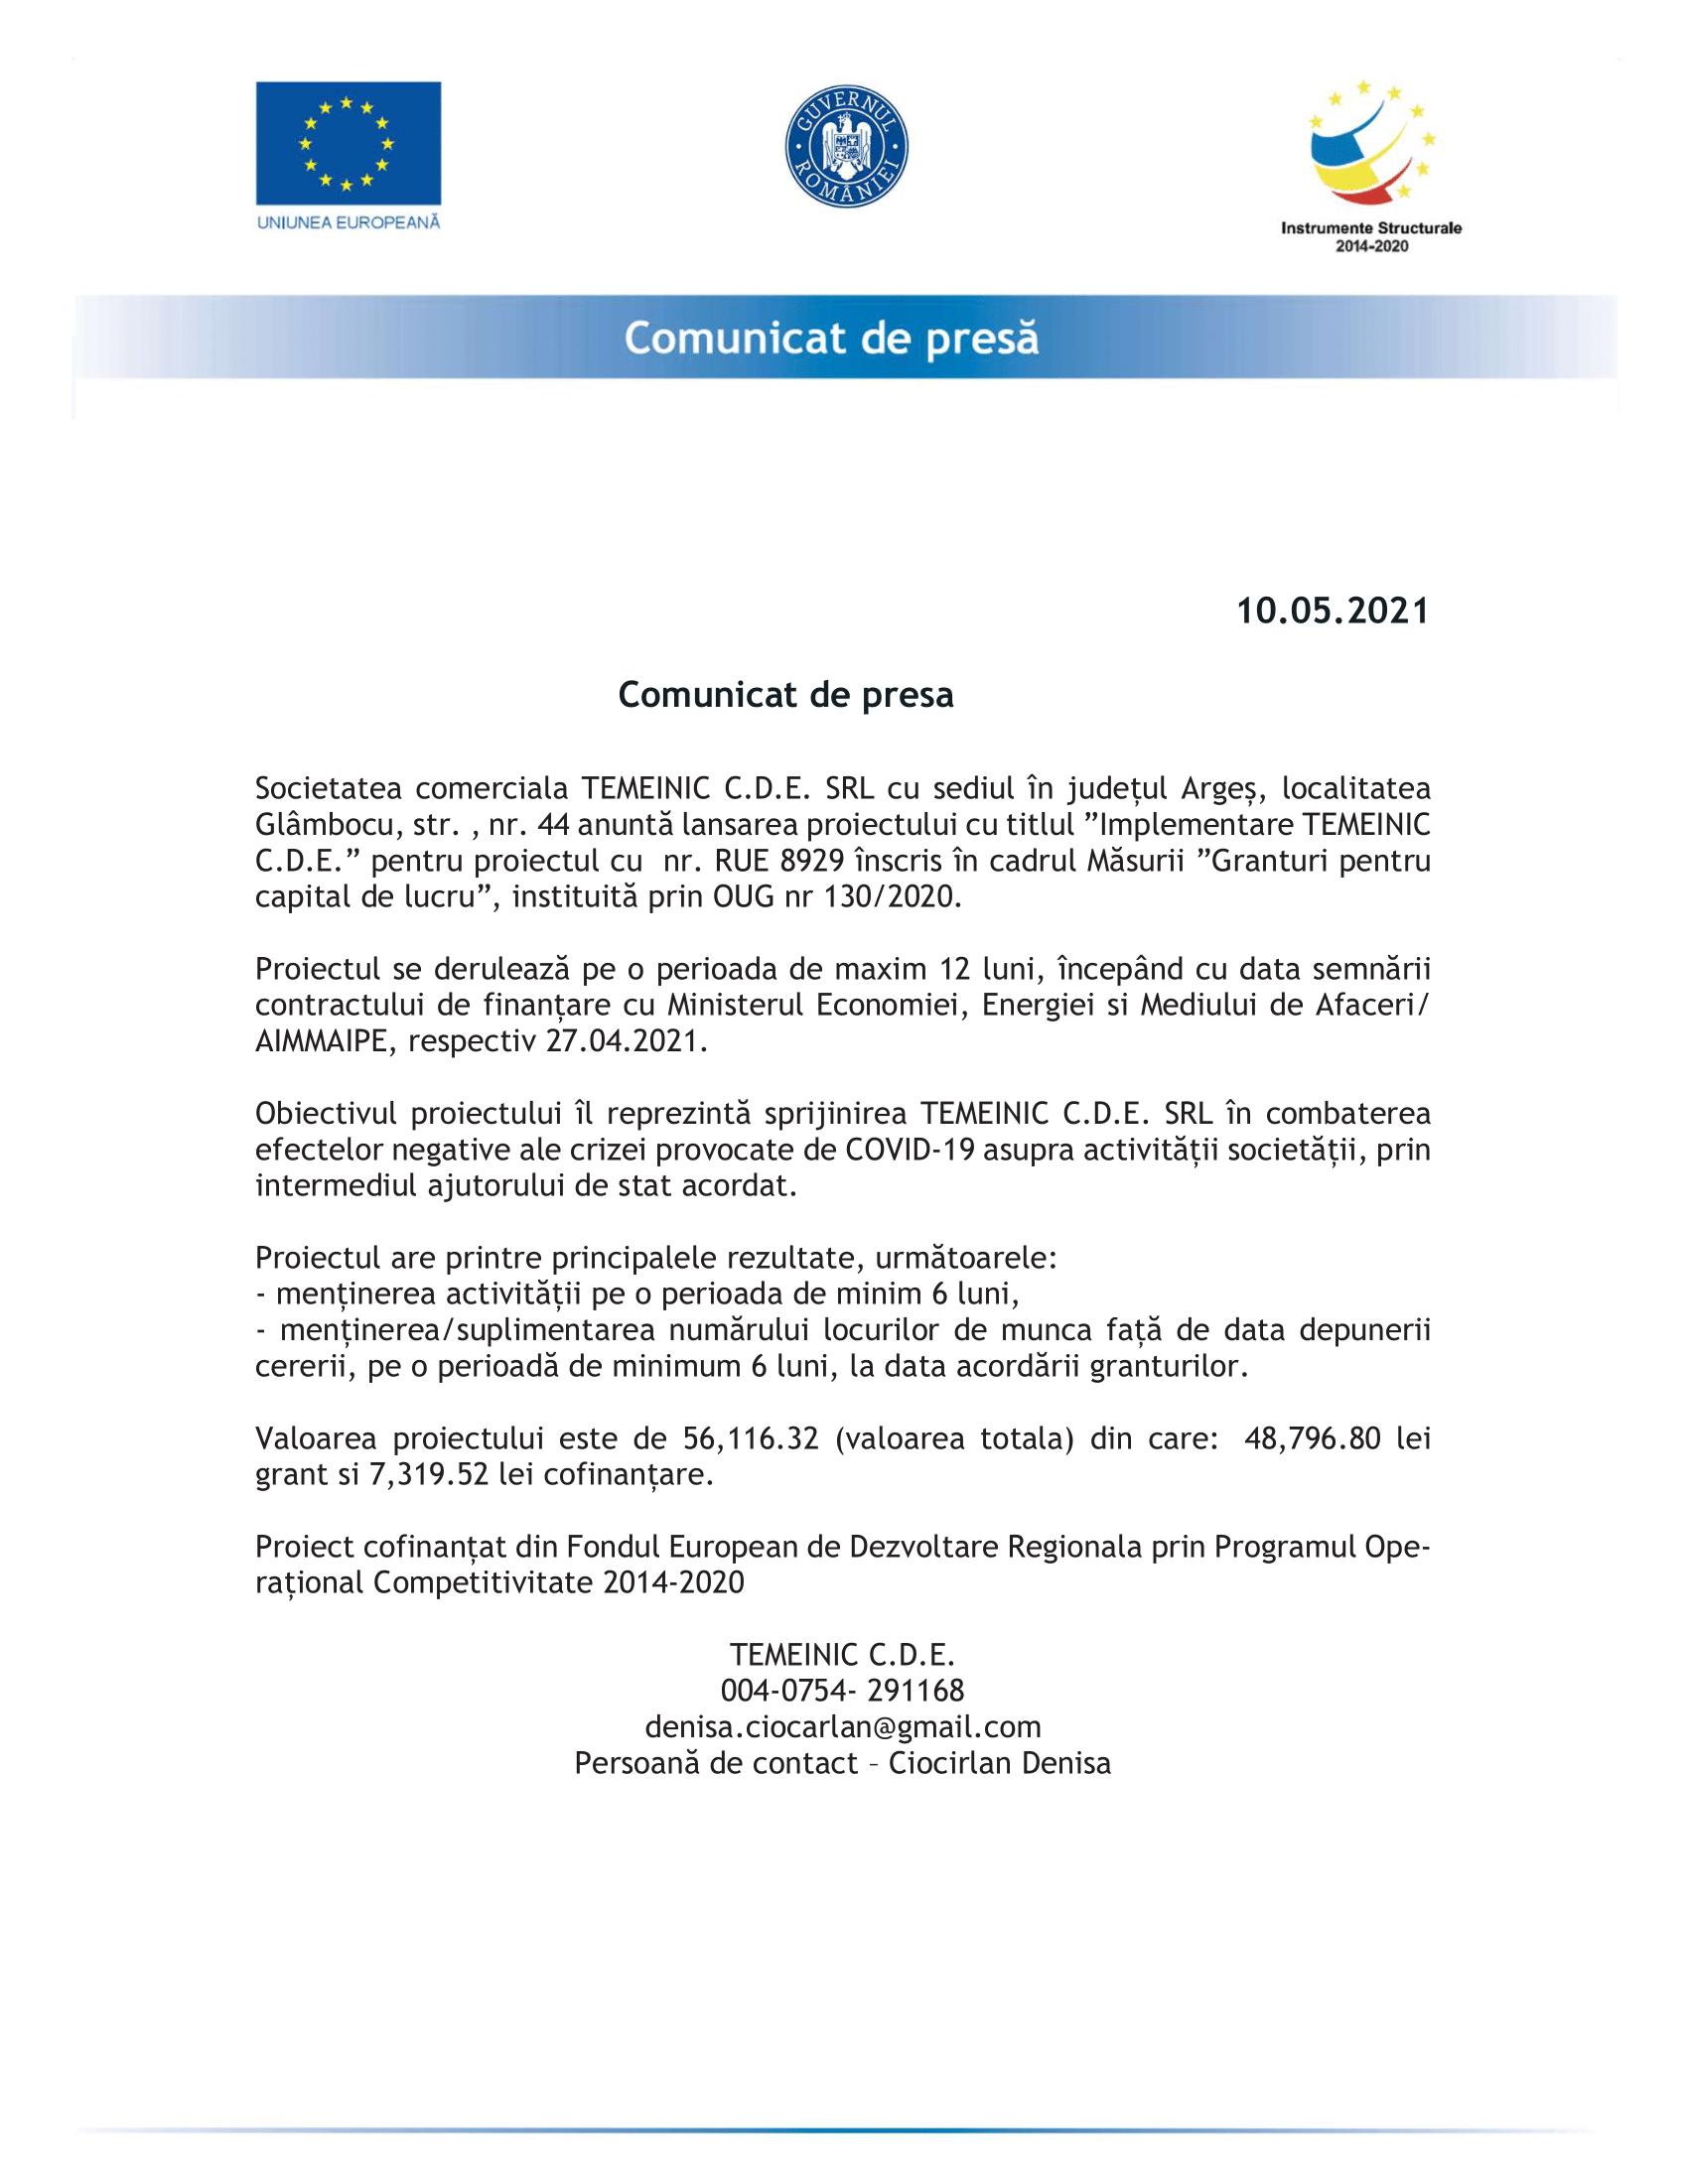 Comunicat de presa TEMEINIC CDE-1